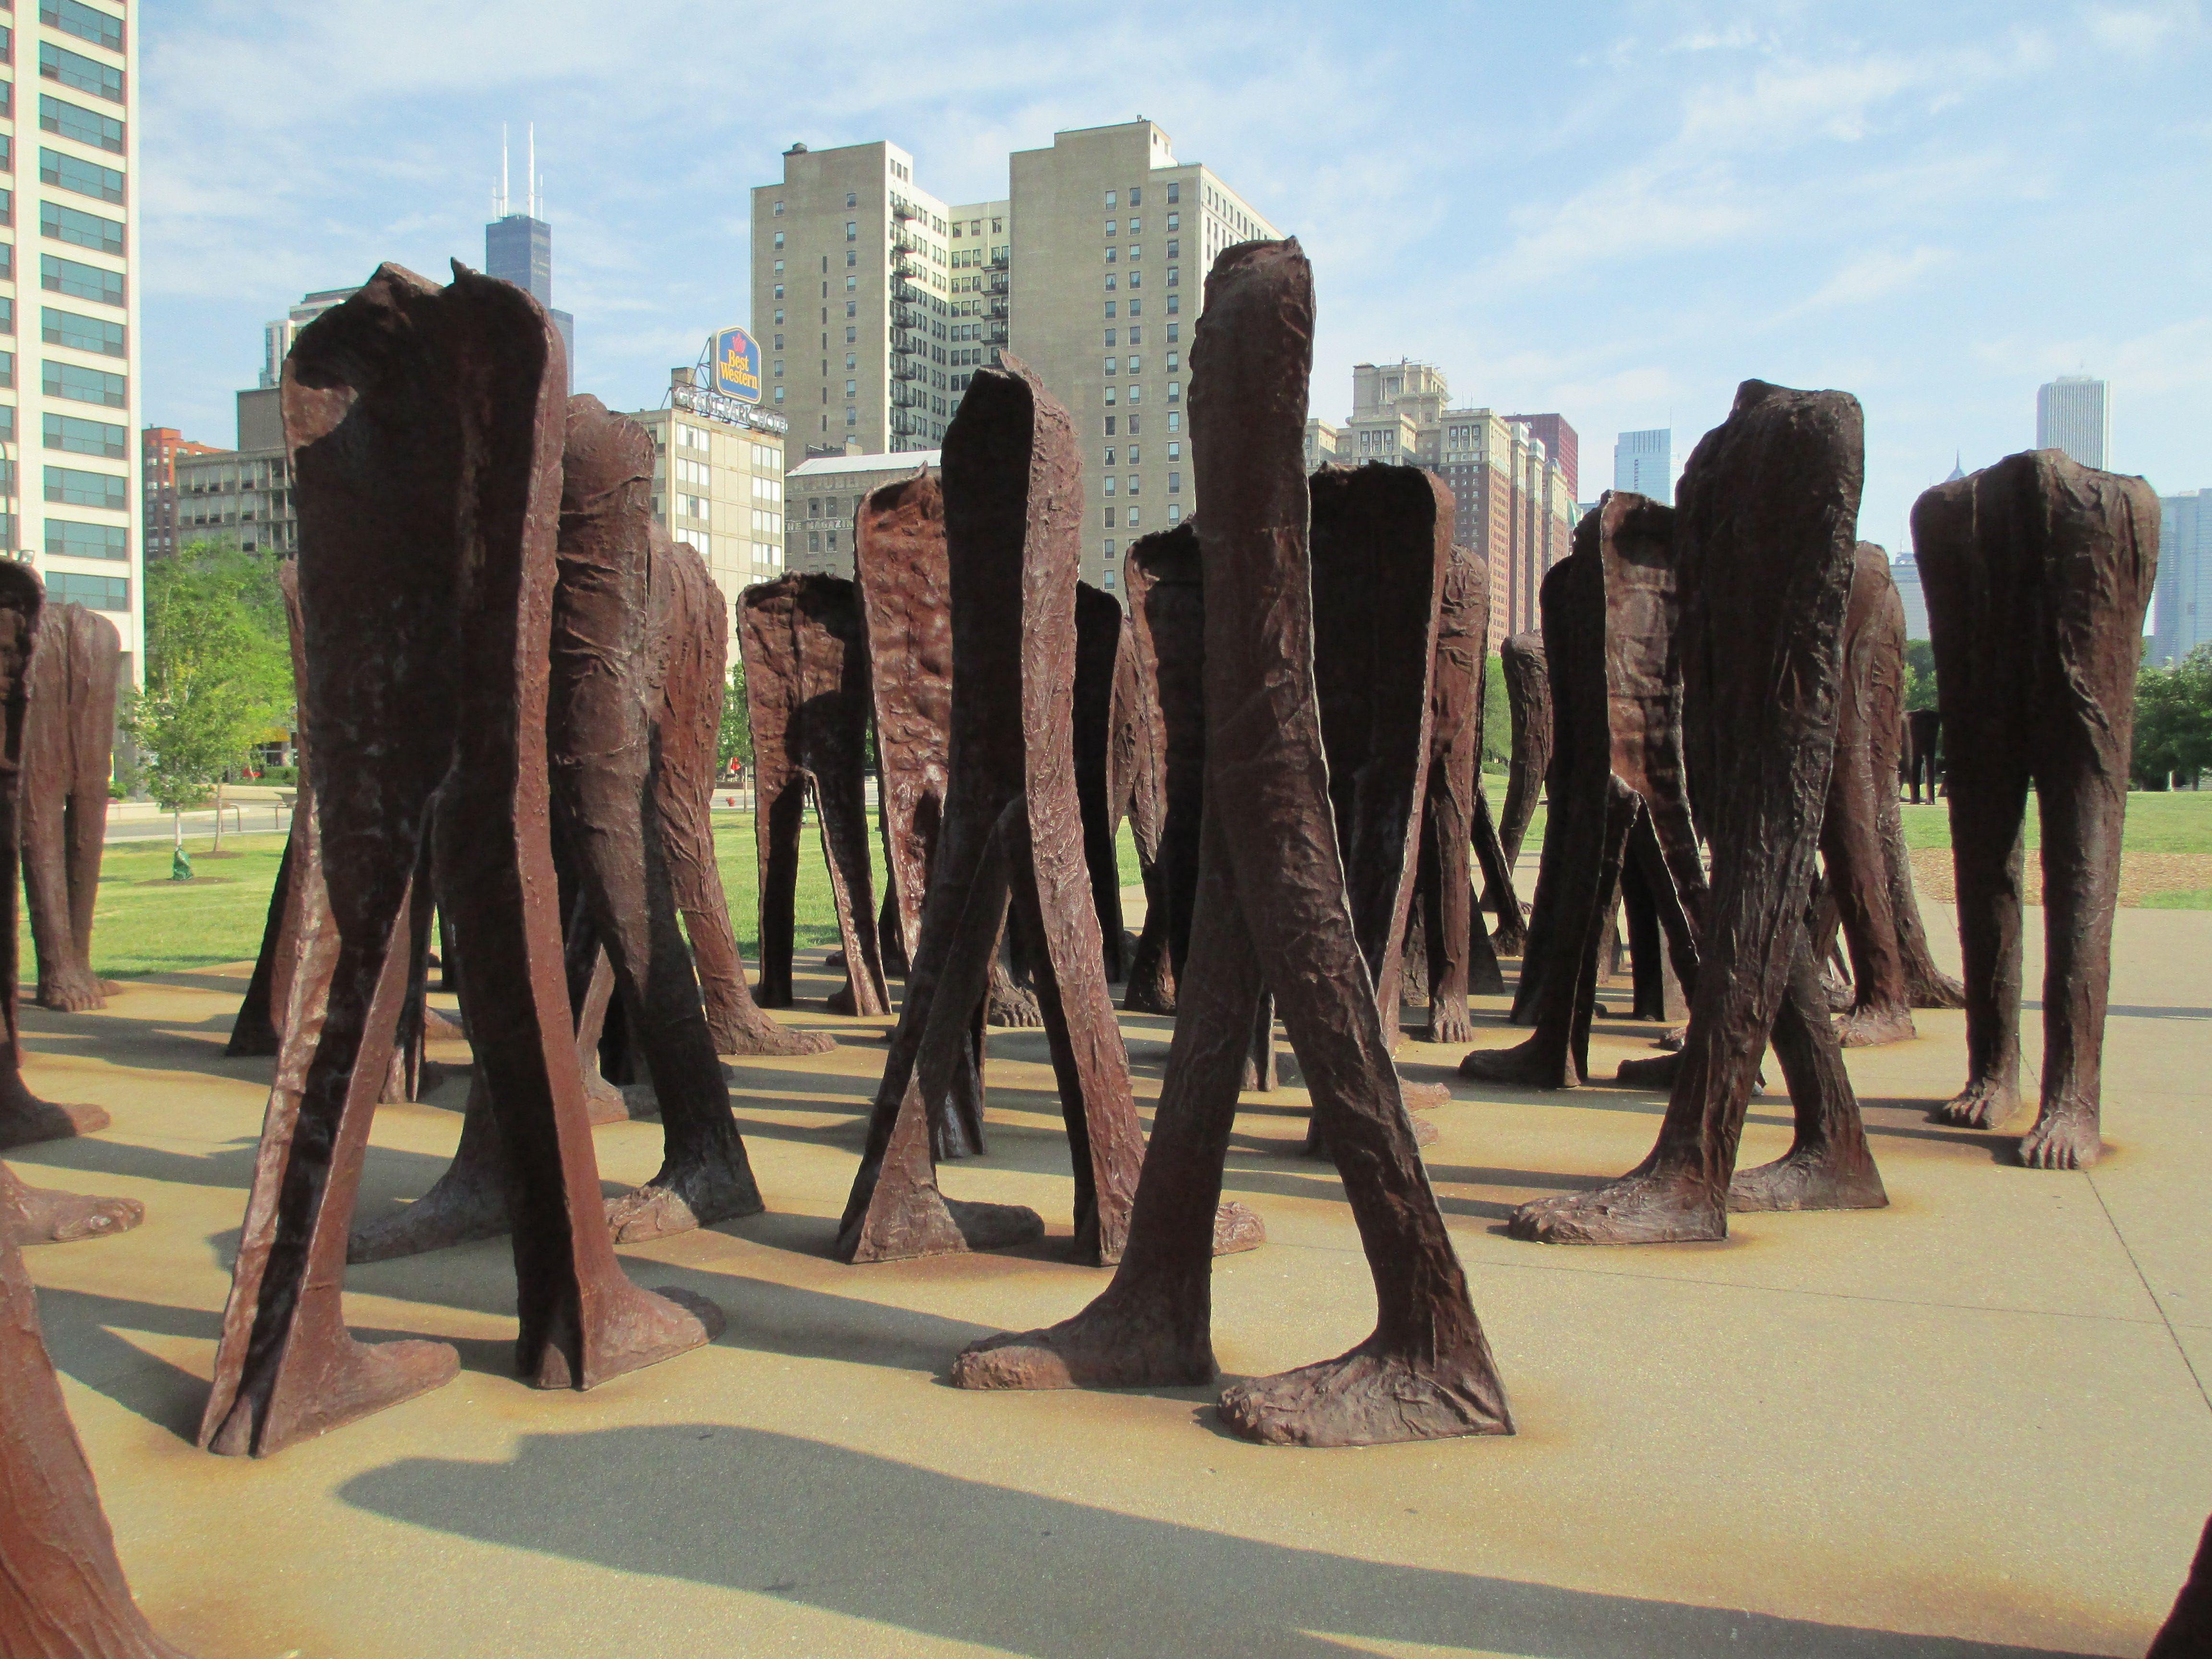 Chicago outdoor sculpture outdoor gardens outdoor